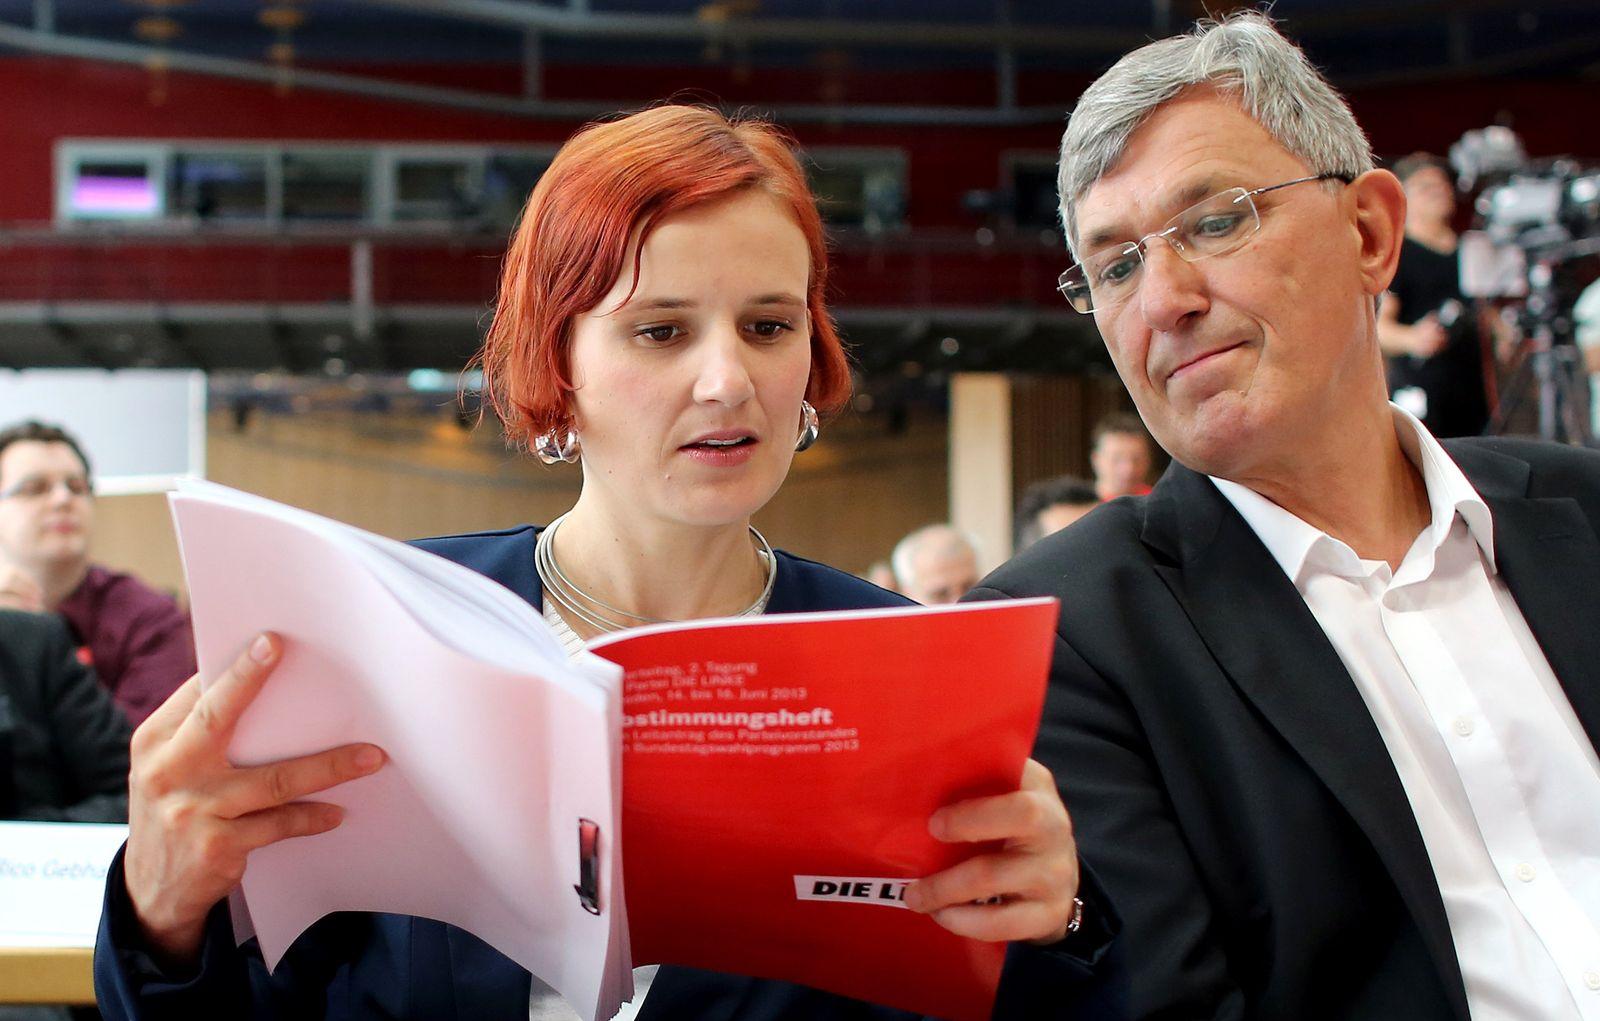 Bundesparteitag / Die Linke